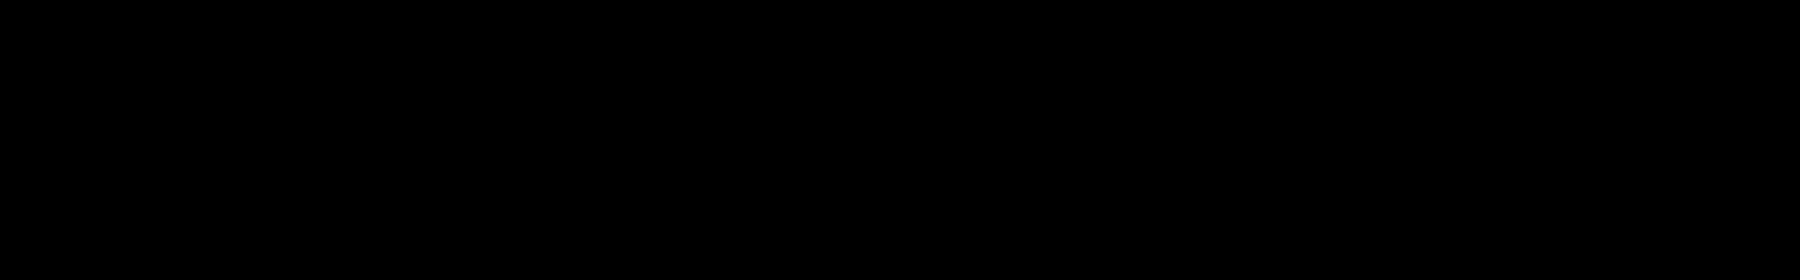 Maybach Hip Hop audio waveform